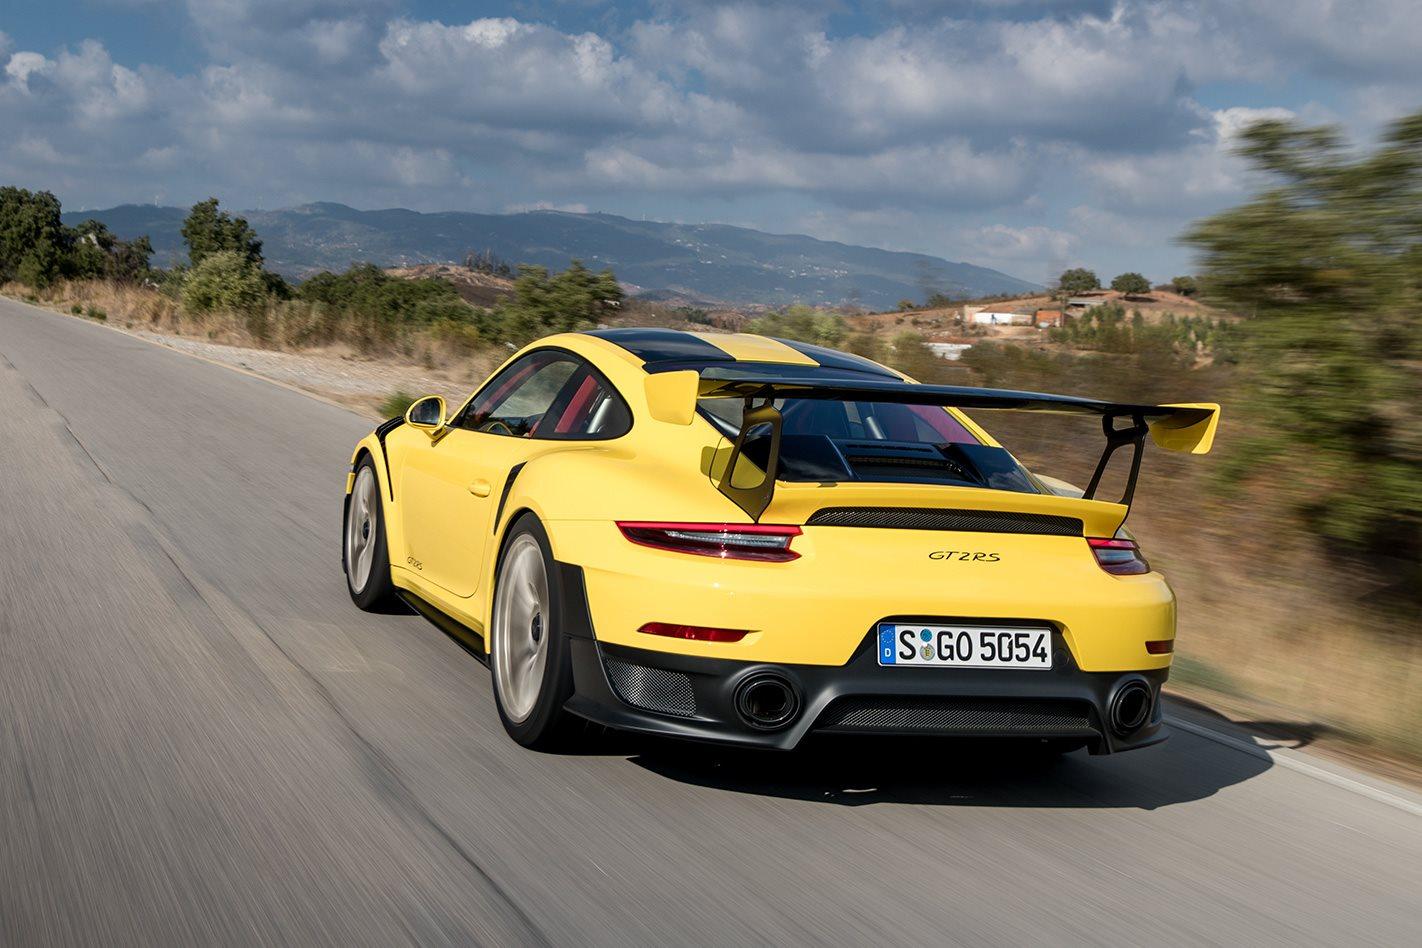 2018 Porsche 911 GT2 RS rear